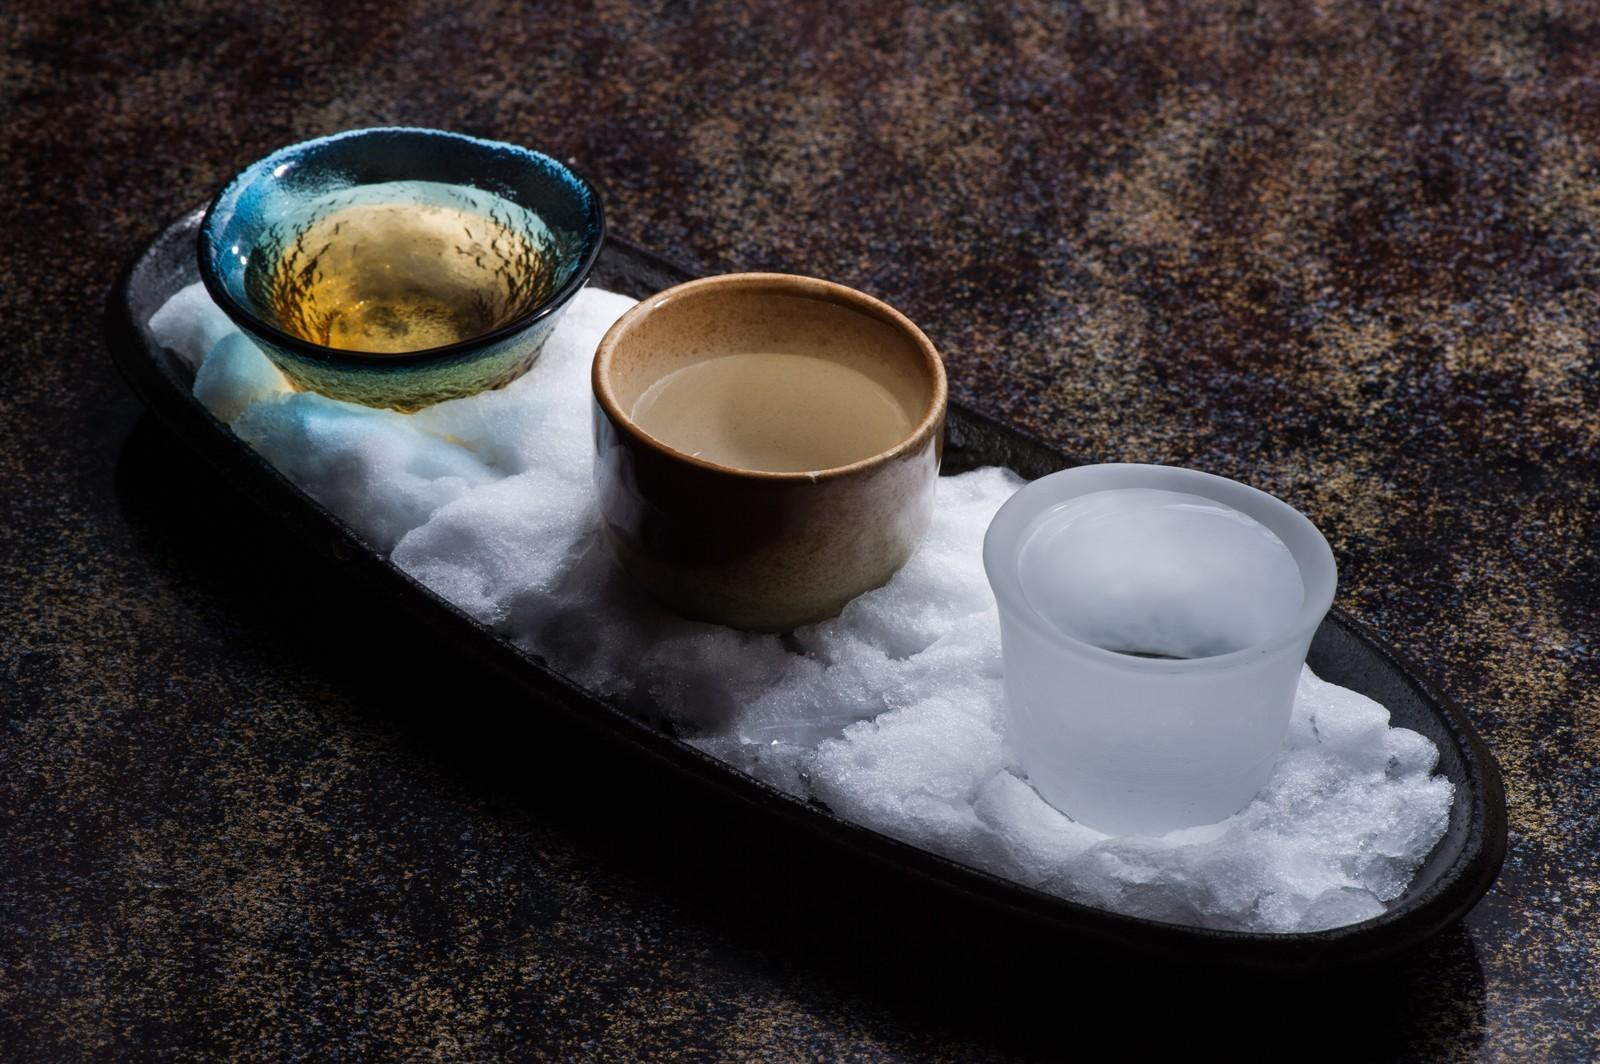 熱燗より熱い状態の日本酒はびっくり燗/飛びきり燗/かみなり燗?|お天気検定2月27日